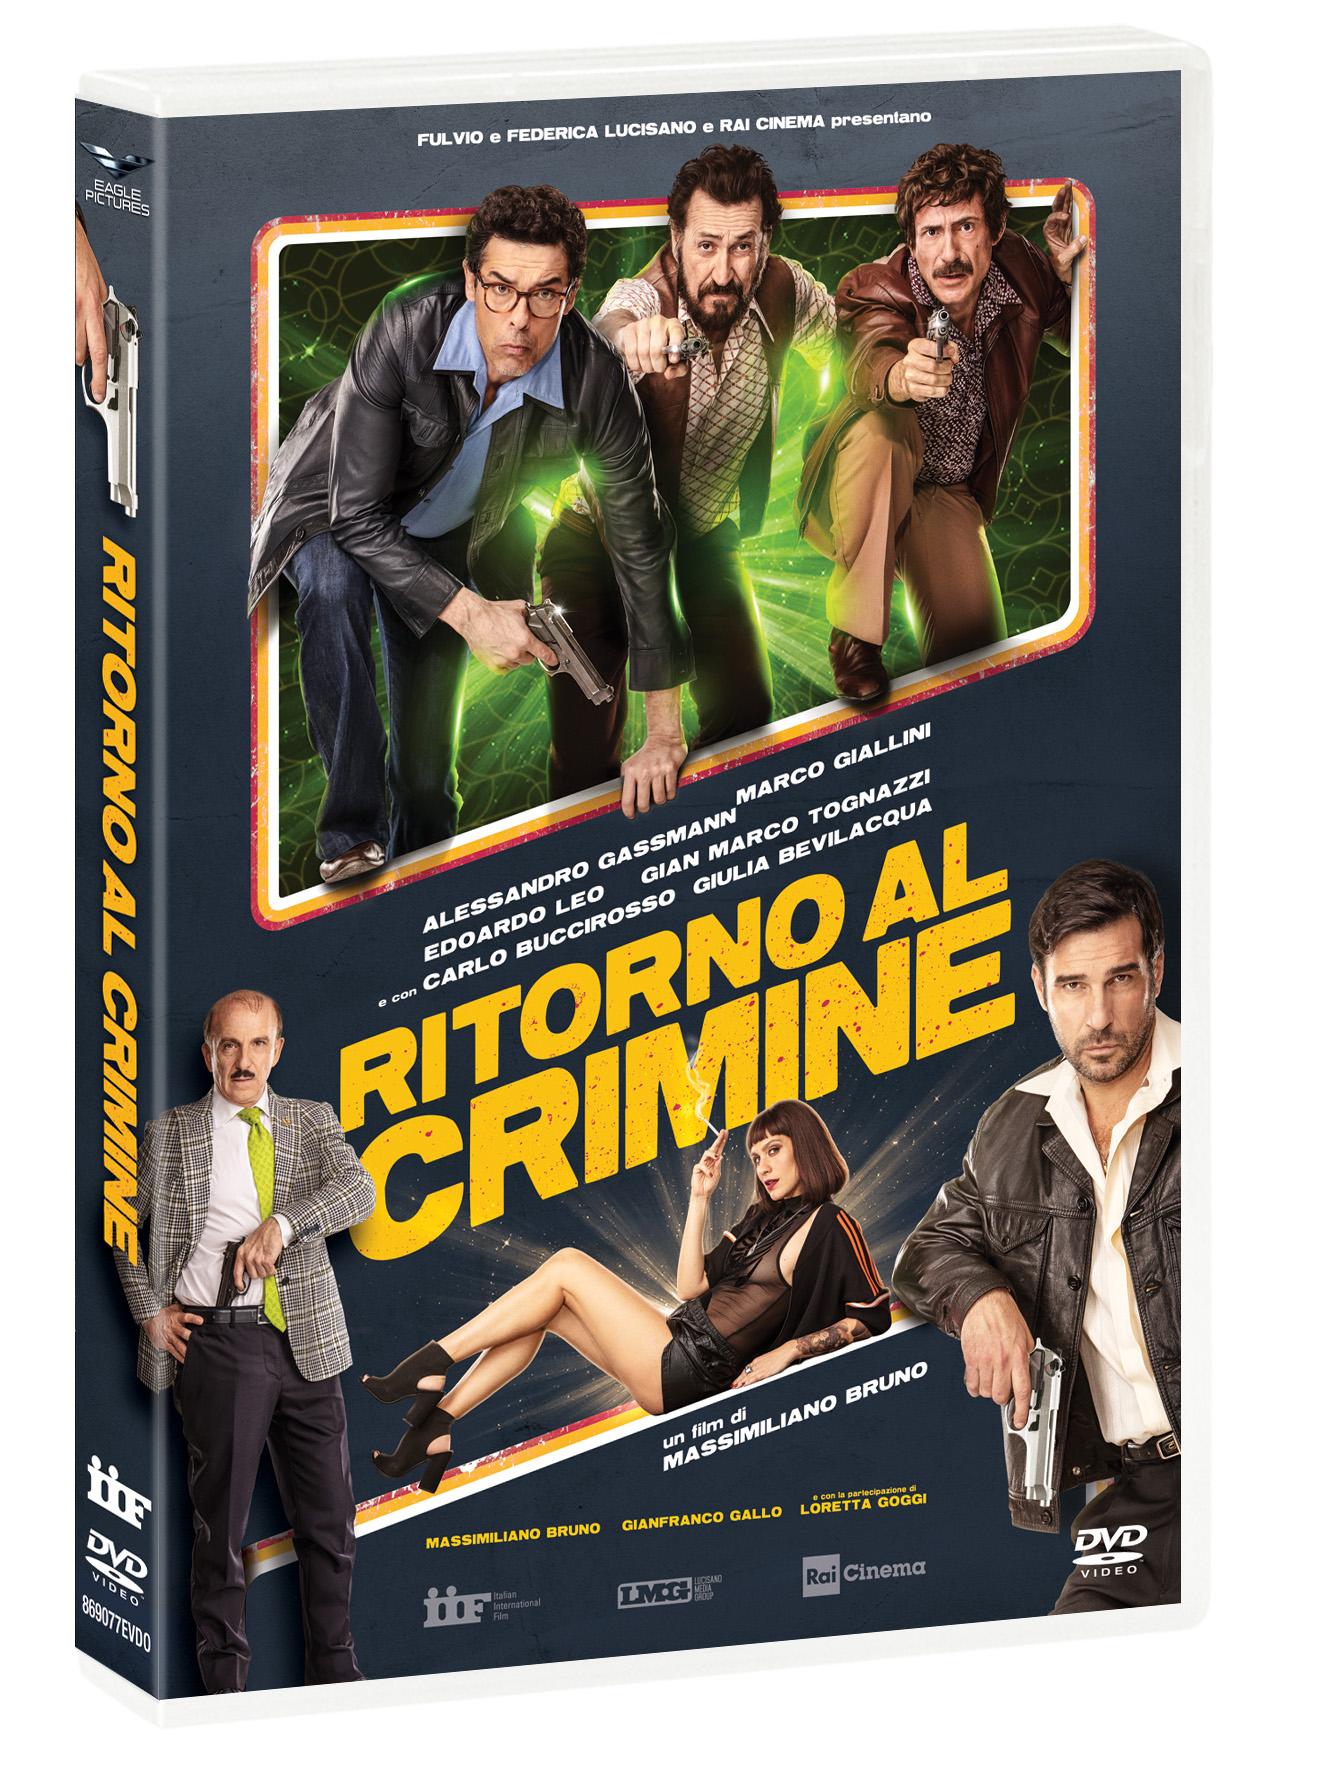 RITORNO AL CRIMINE (DVD)